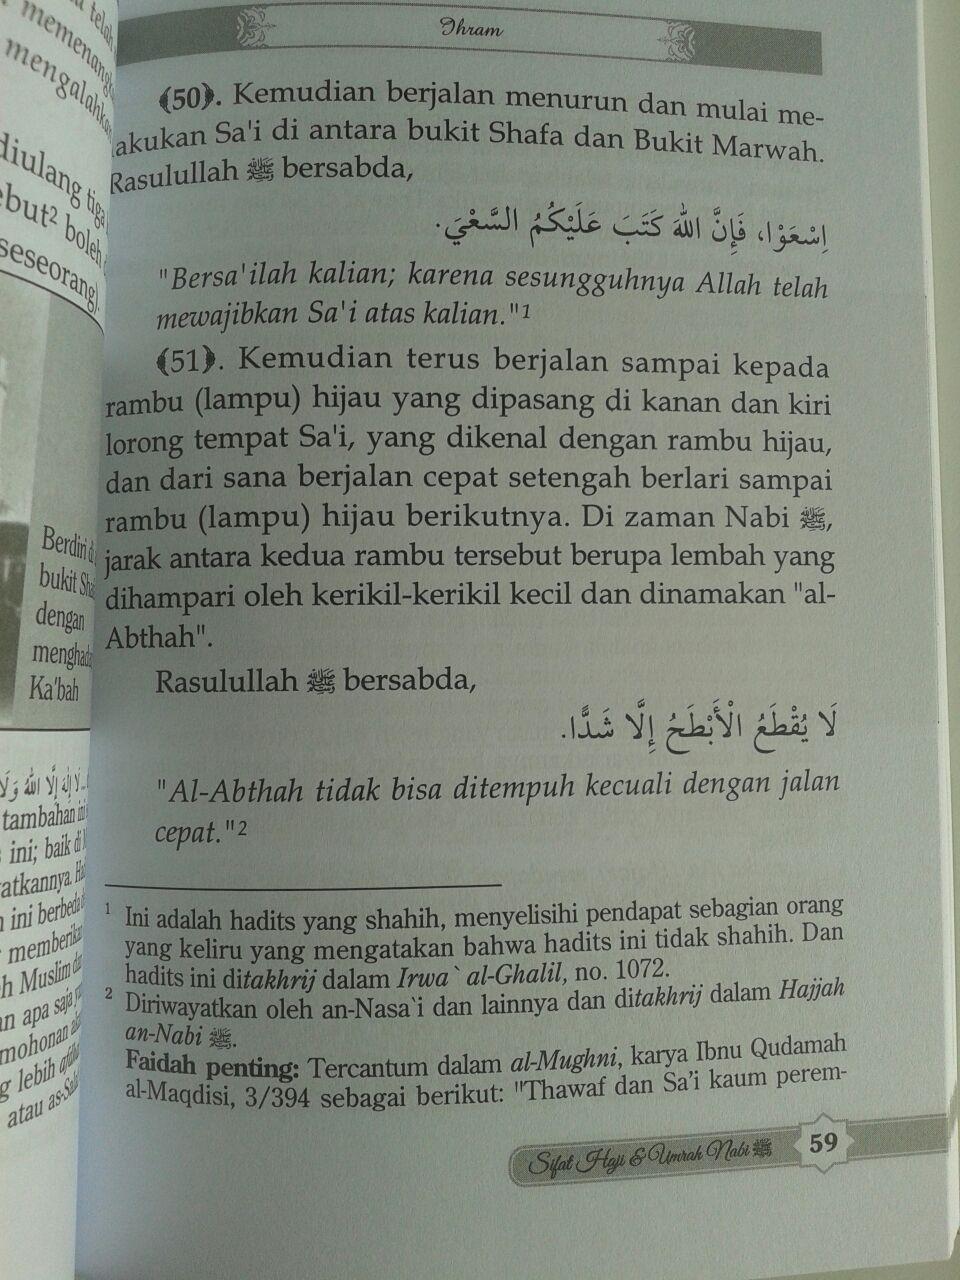 Buku Sifat Haji dan Umrah Nabi isi 2